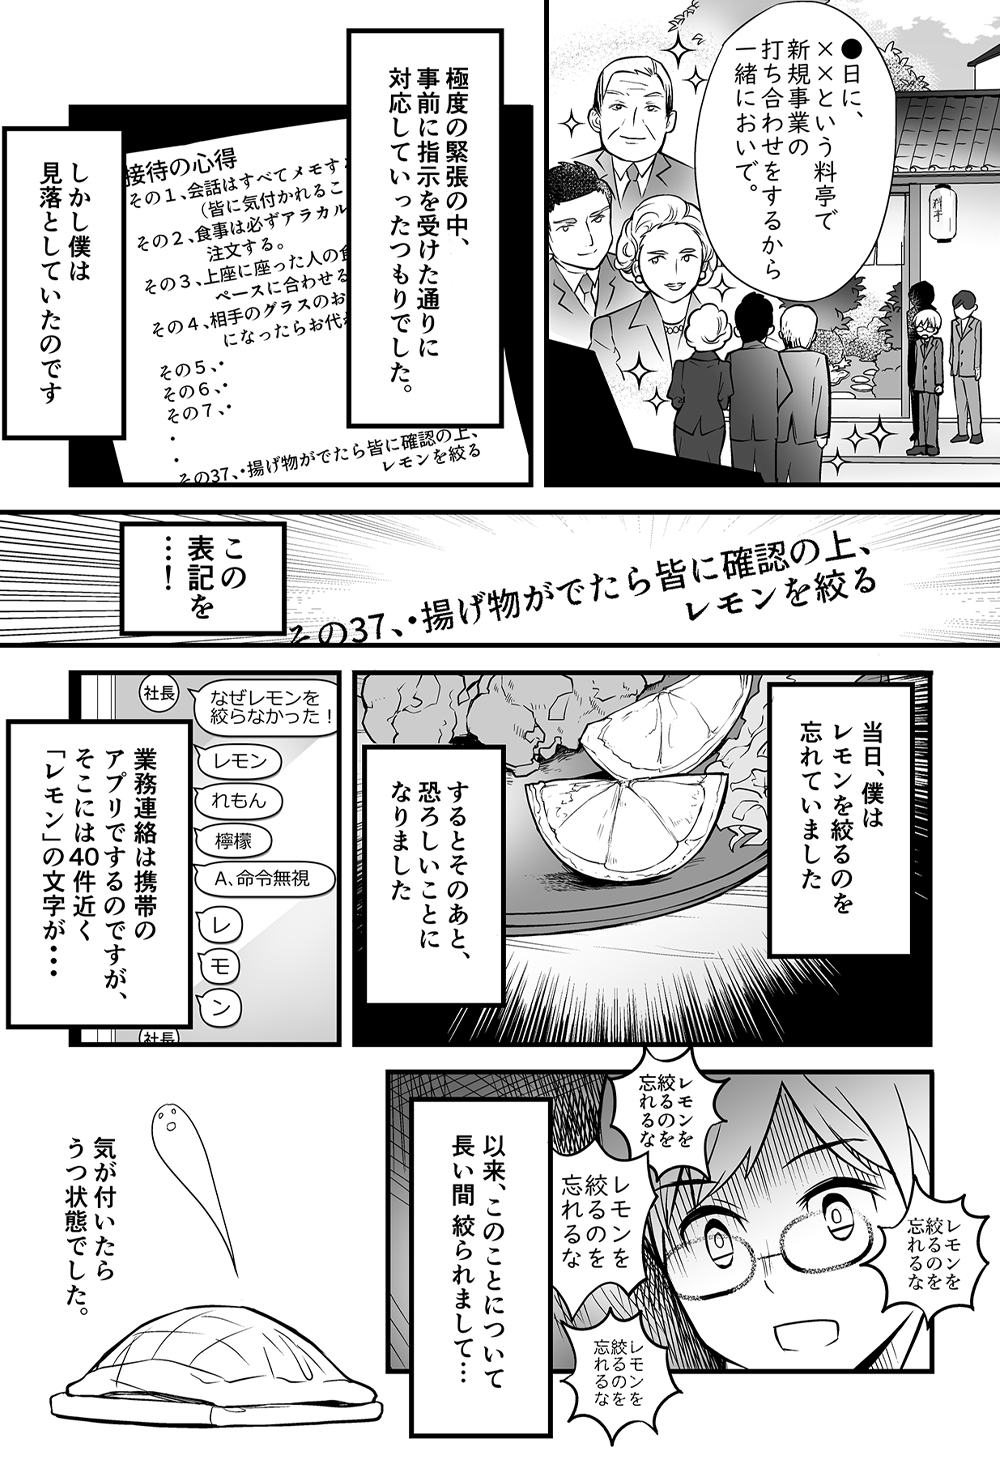 レモンのせいでうつになった話。〜銀座新橋日比谷有楽町・心療内科マンガ